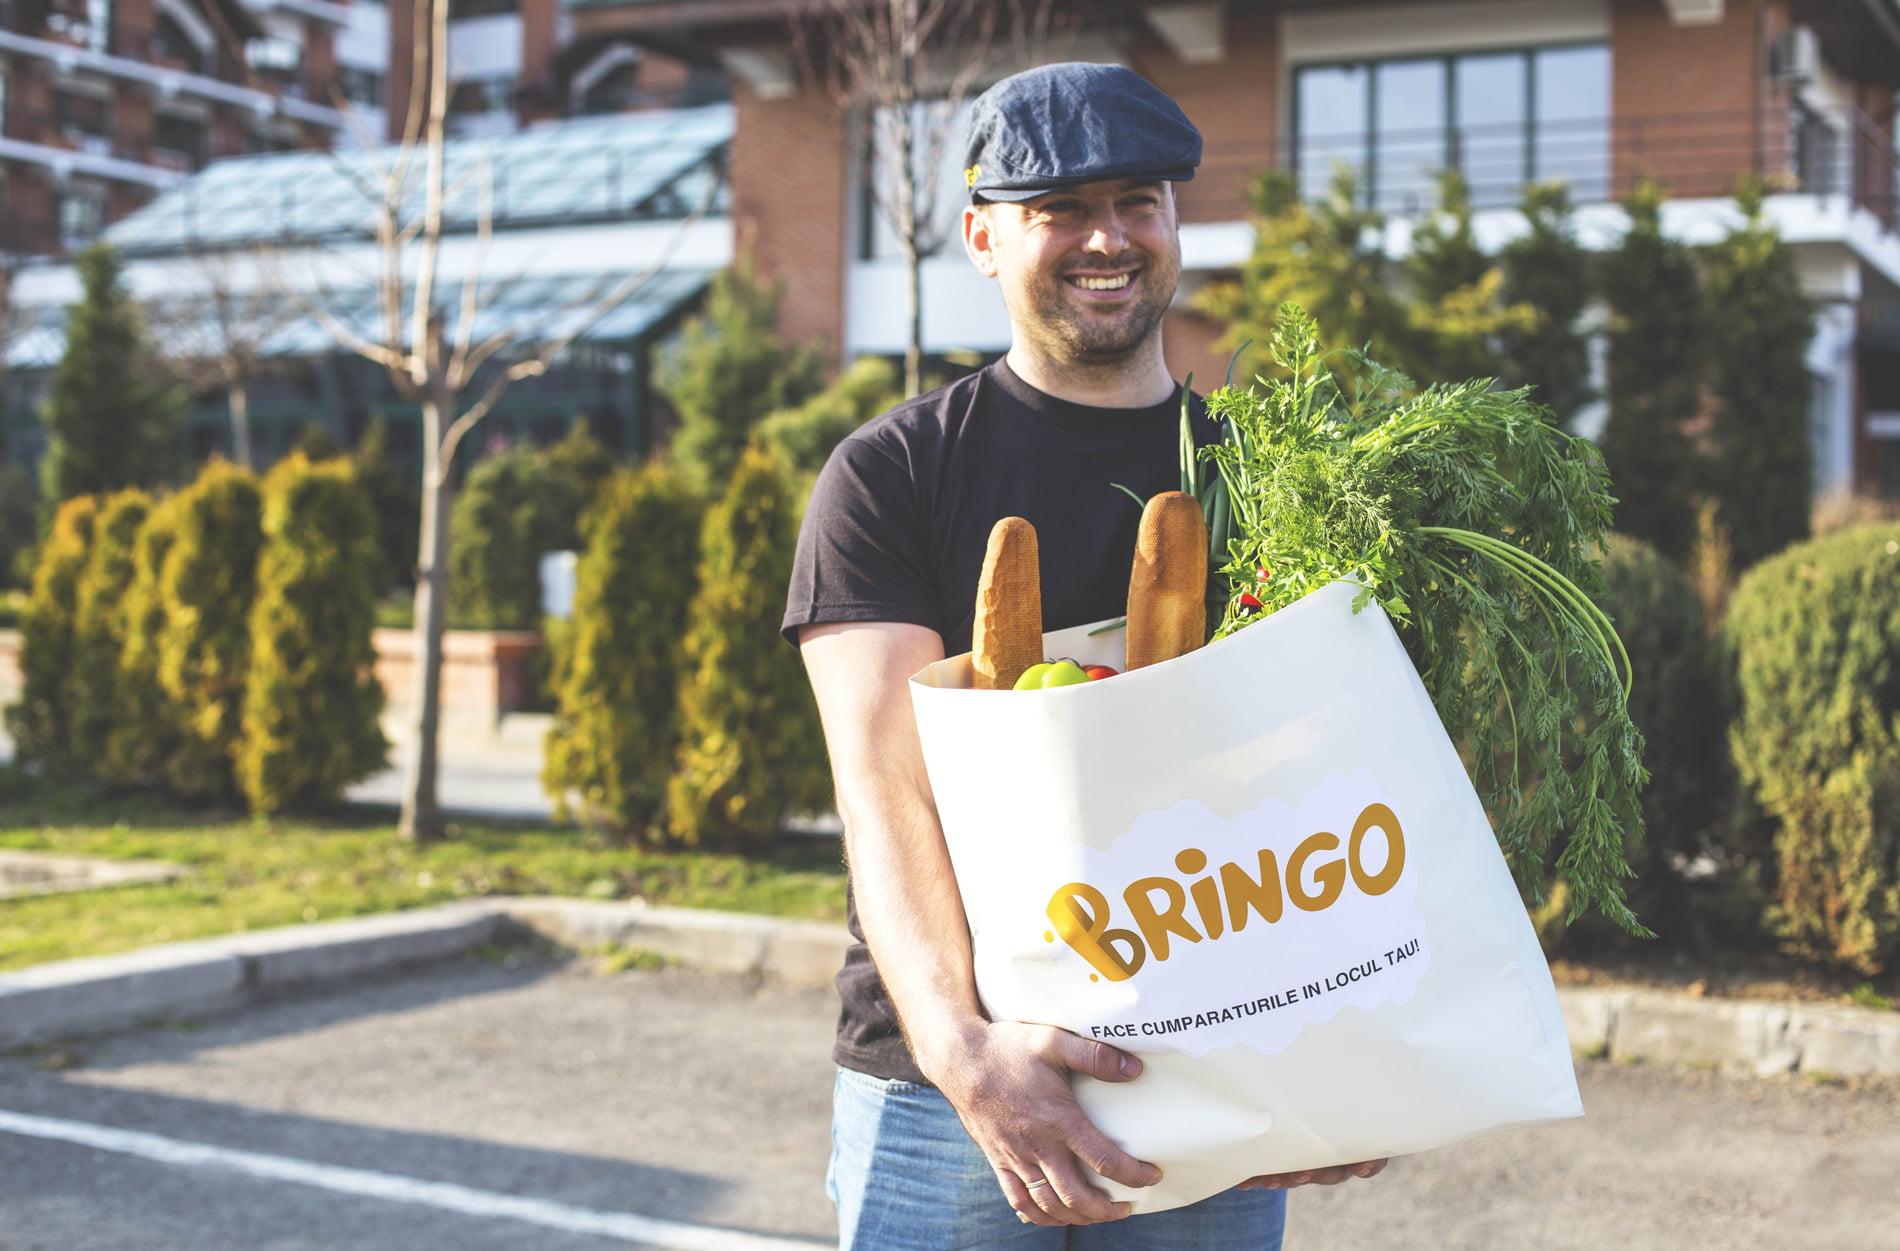 Bringo, aplicația care face cumpărăturile în locul tău, și-a extins aria de livrare în Roman